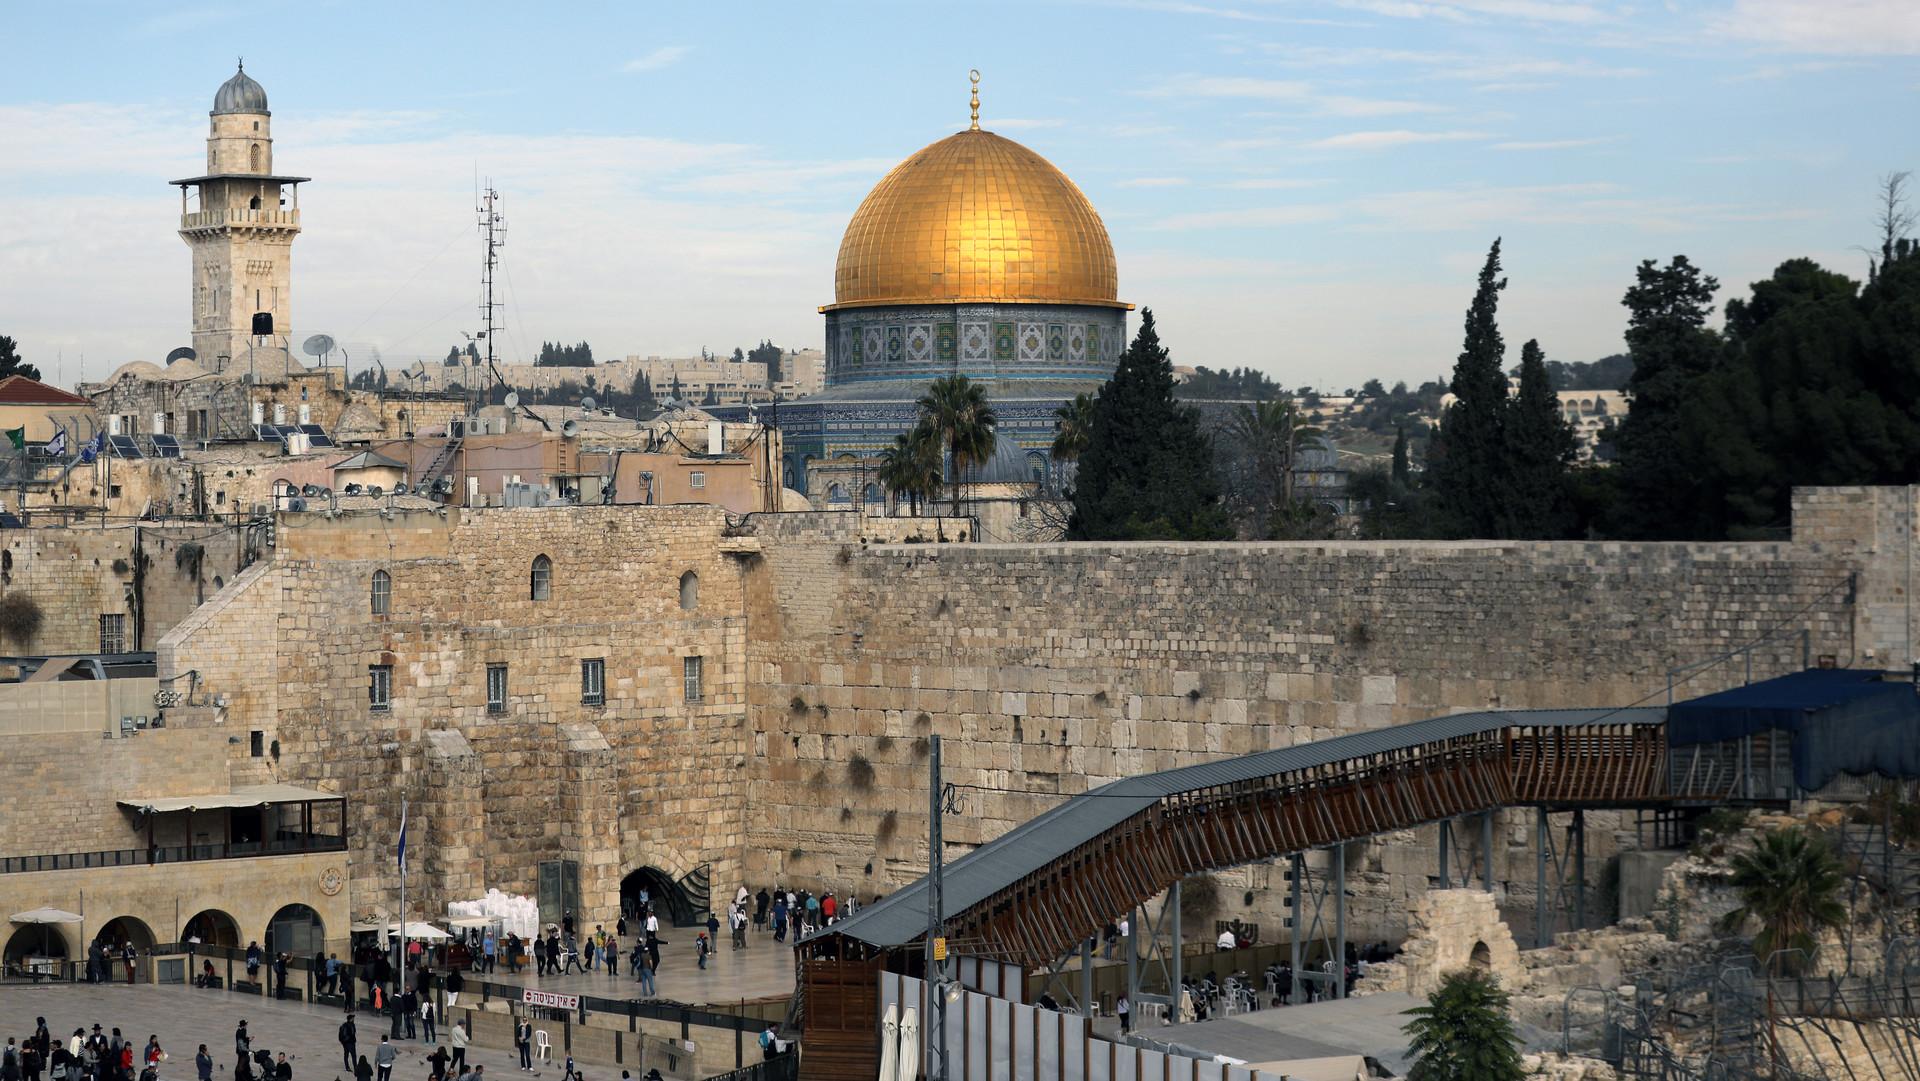 Traslado de la embajada de EE.UU. a Jerusalén: ¿Quién gana y quién pierde?